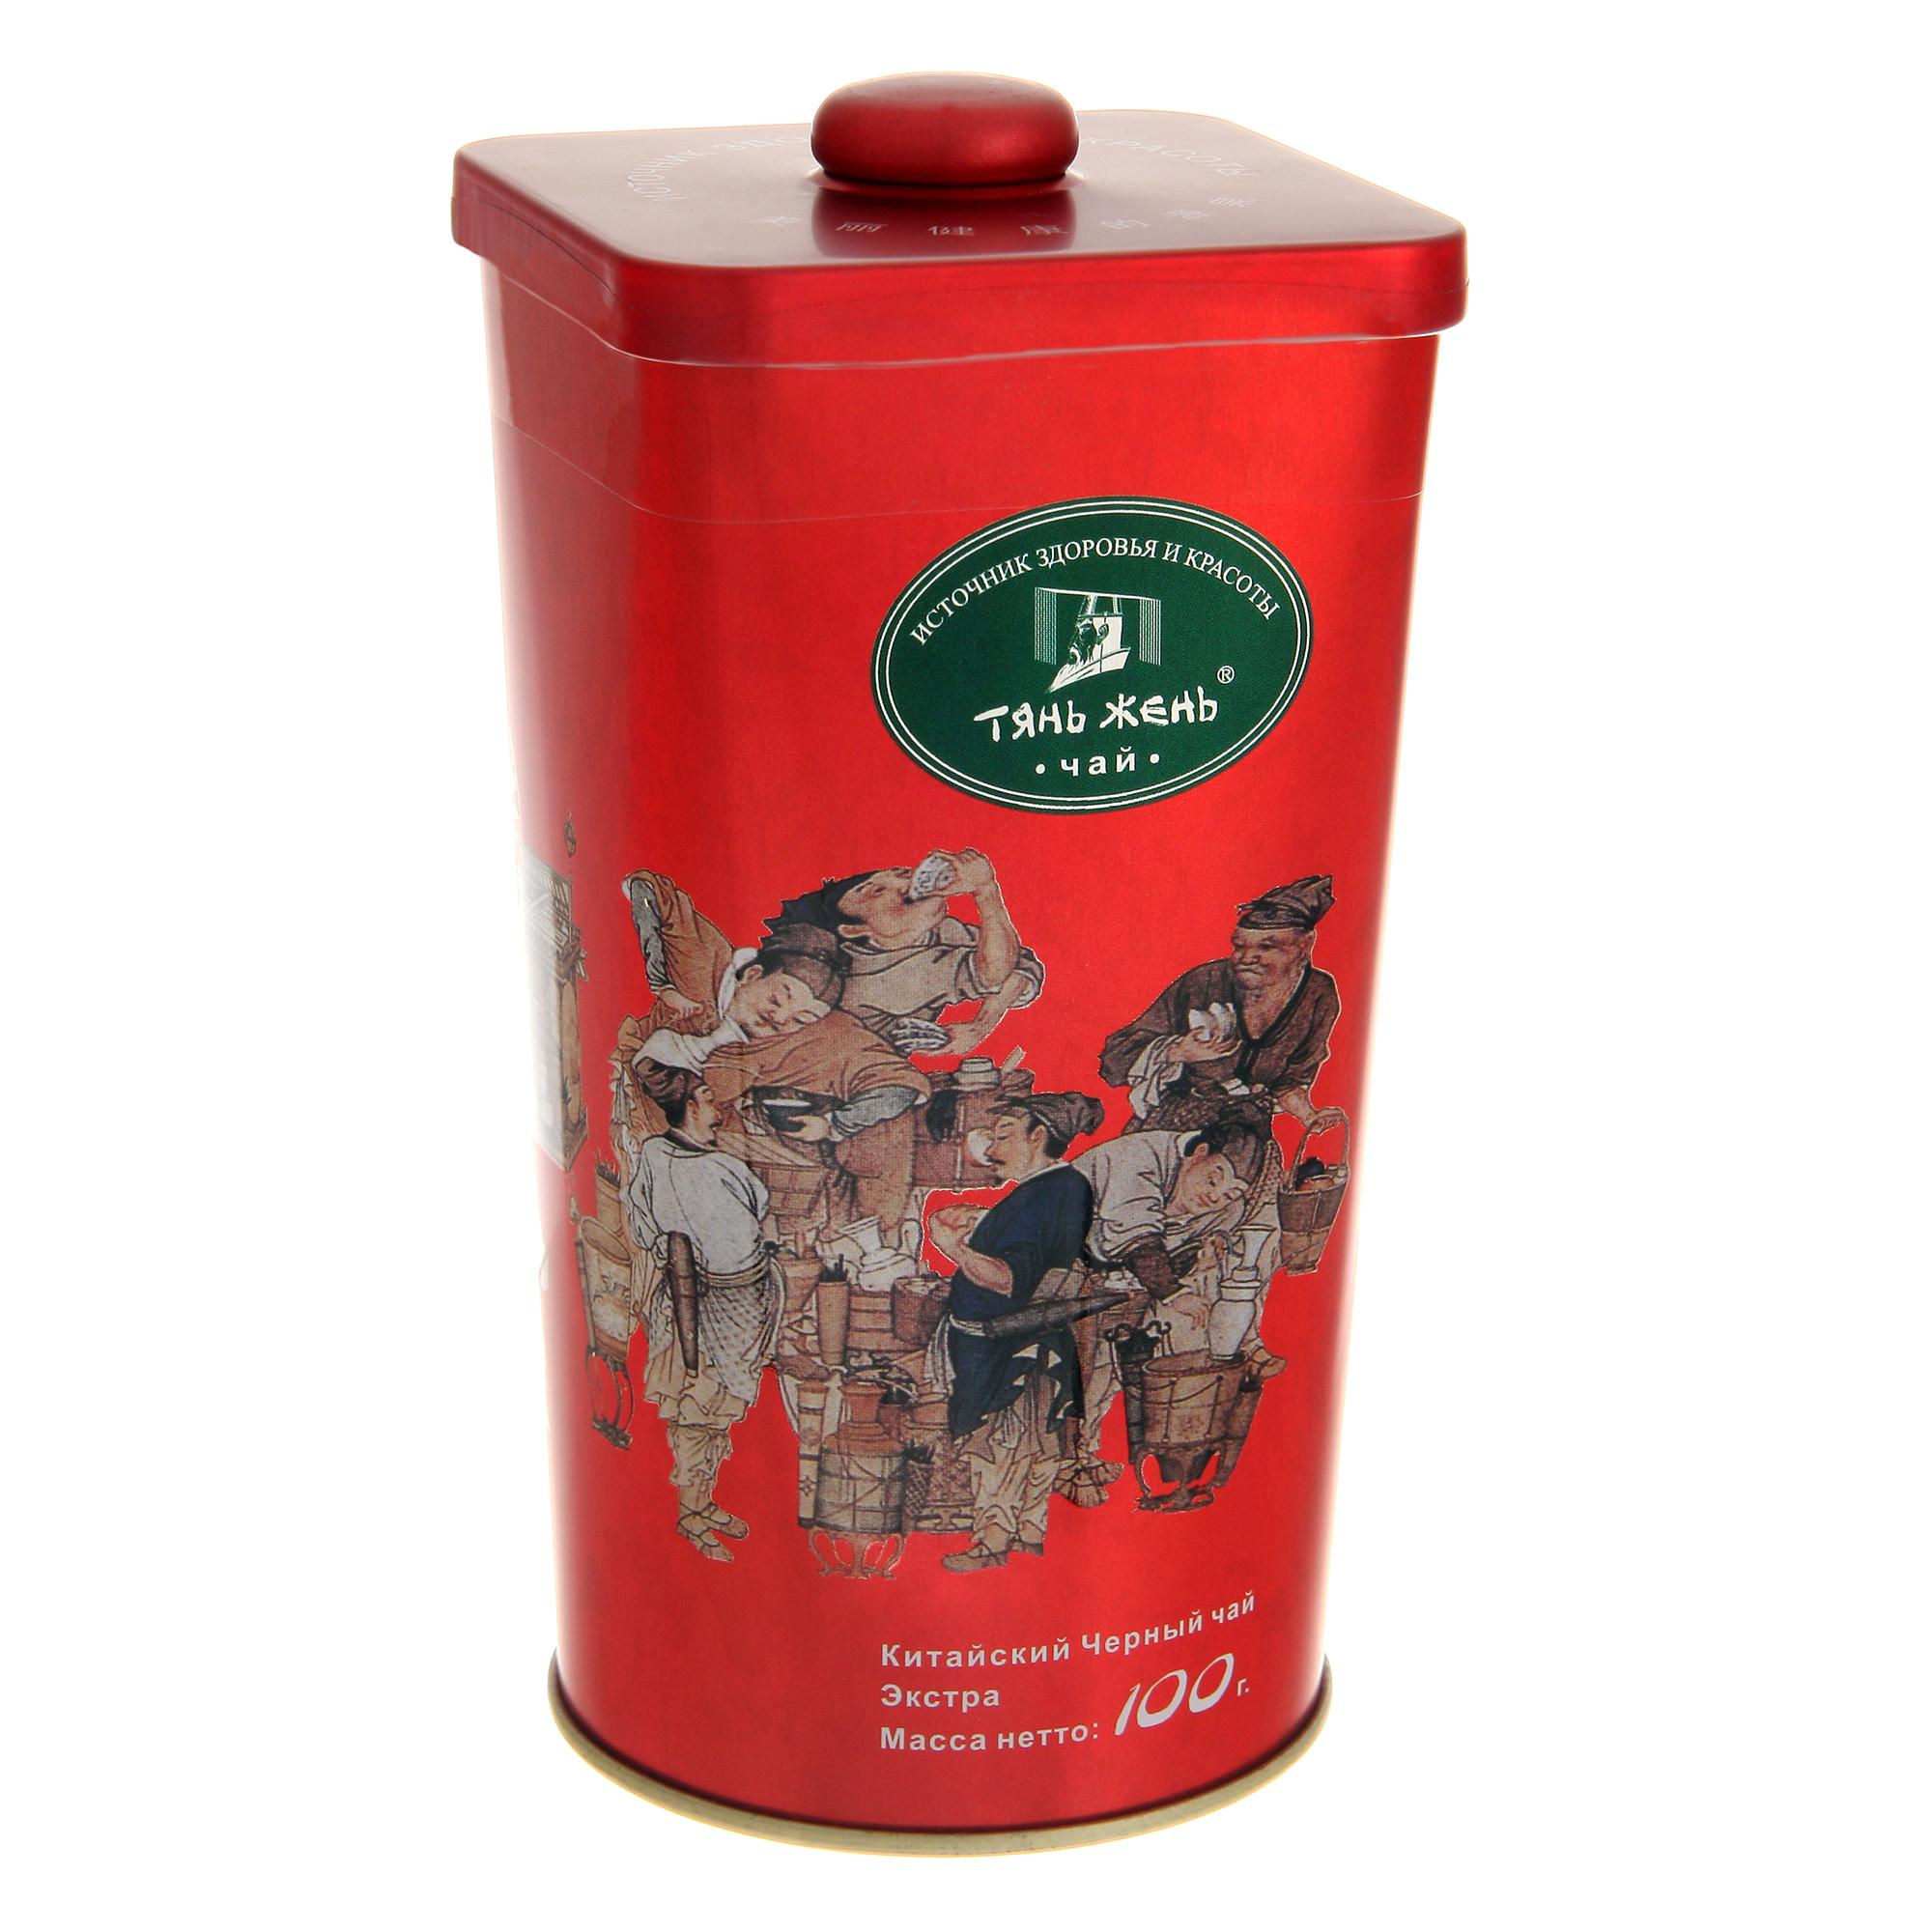 Чай Тянь-Жень черный листовой экстра 100 г фото